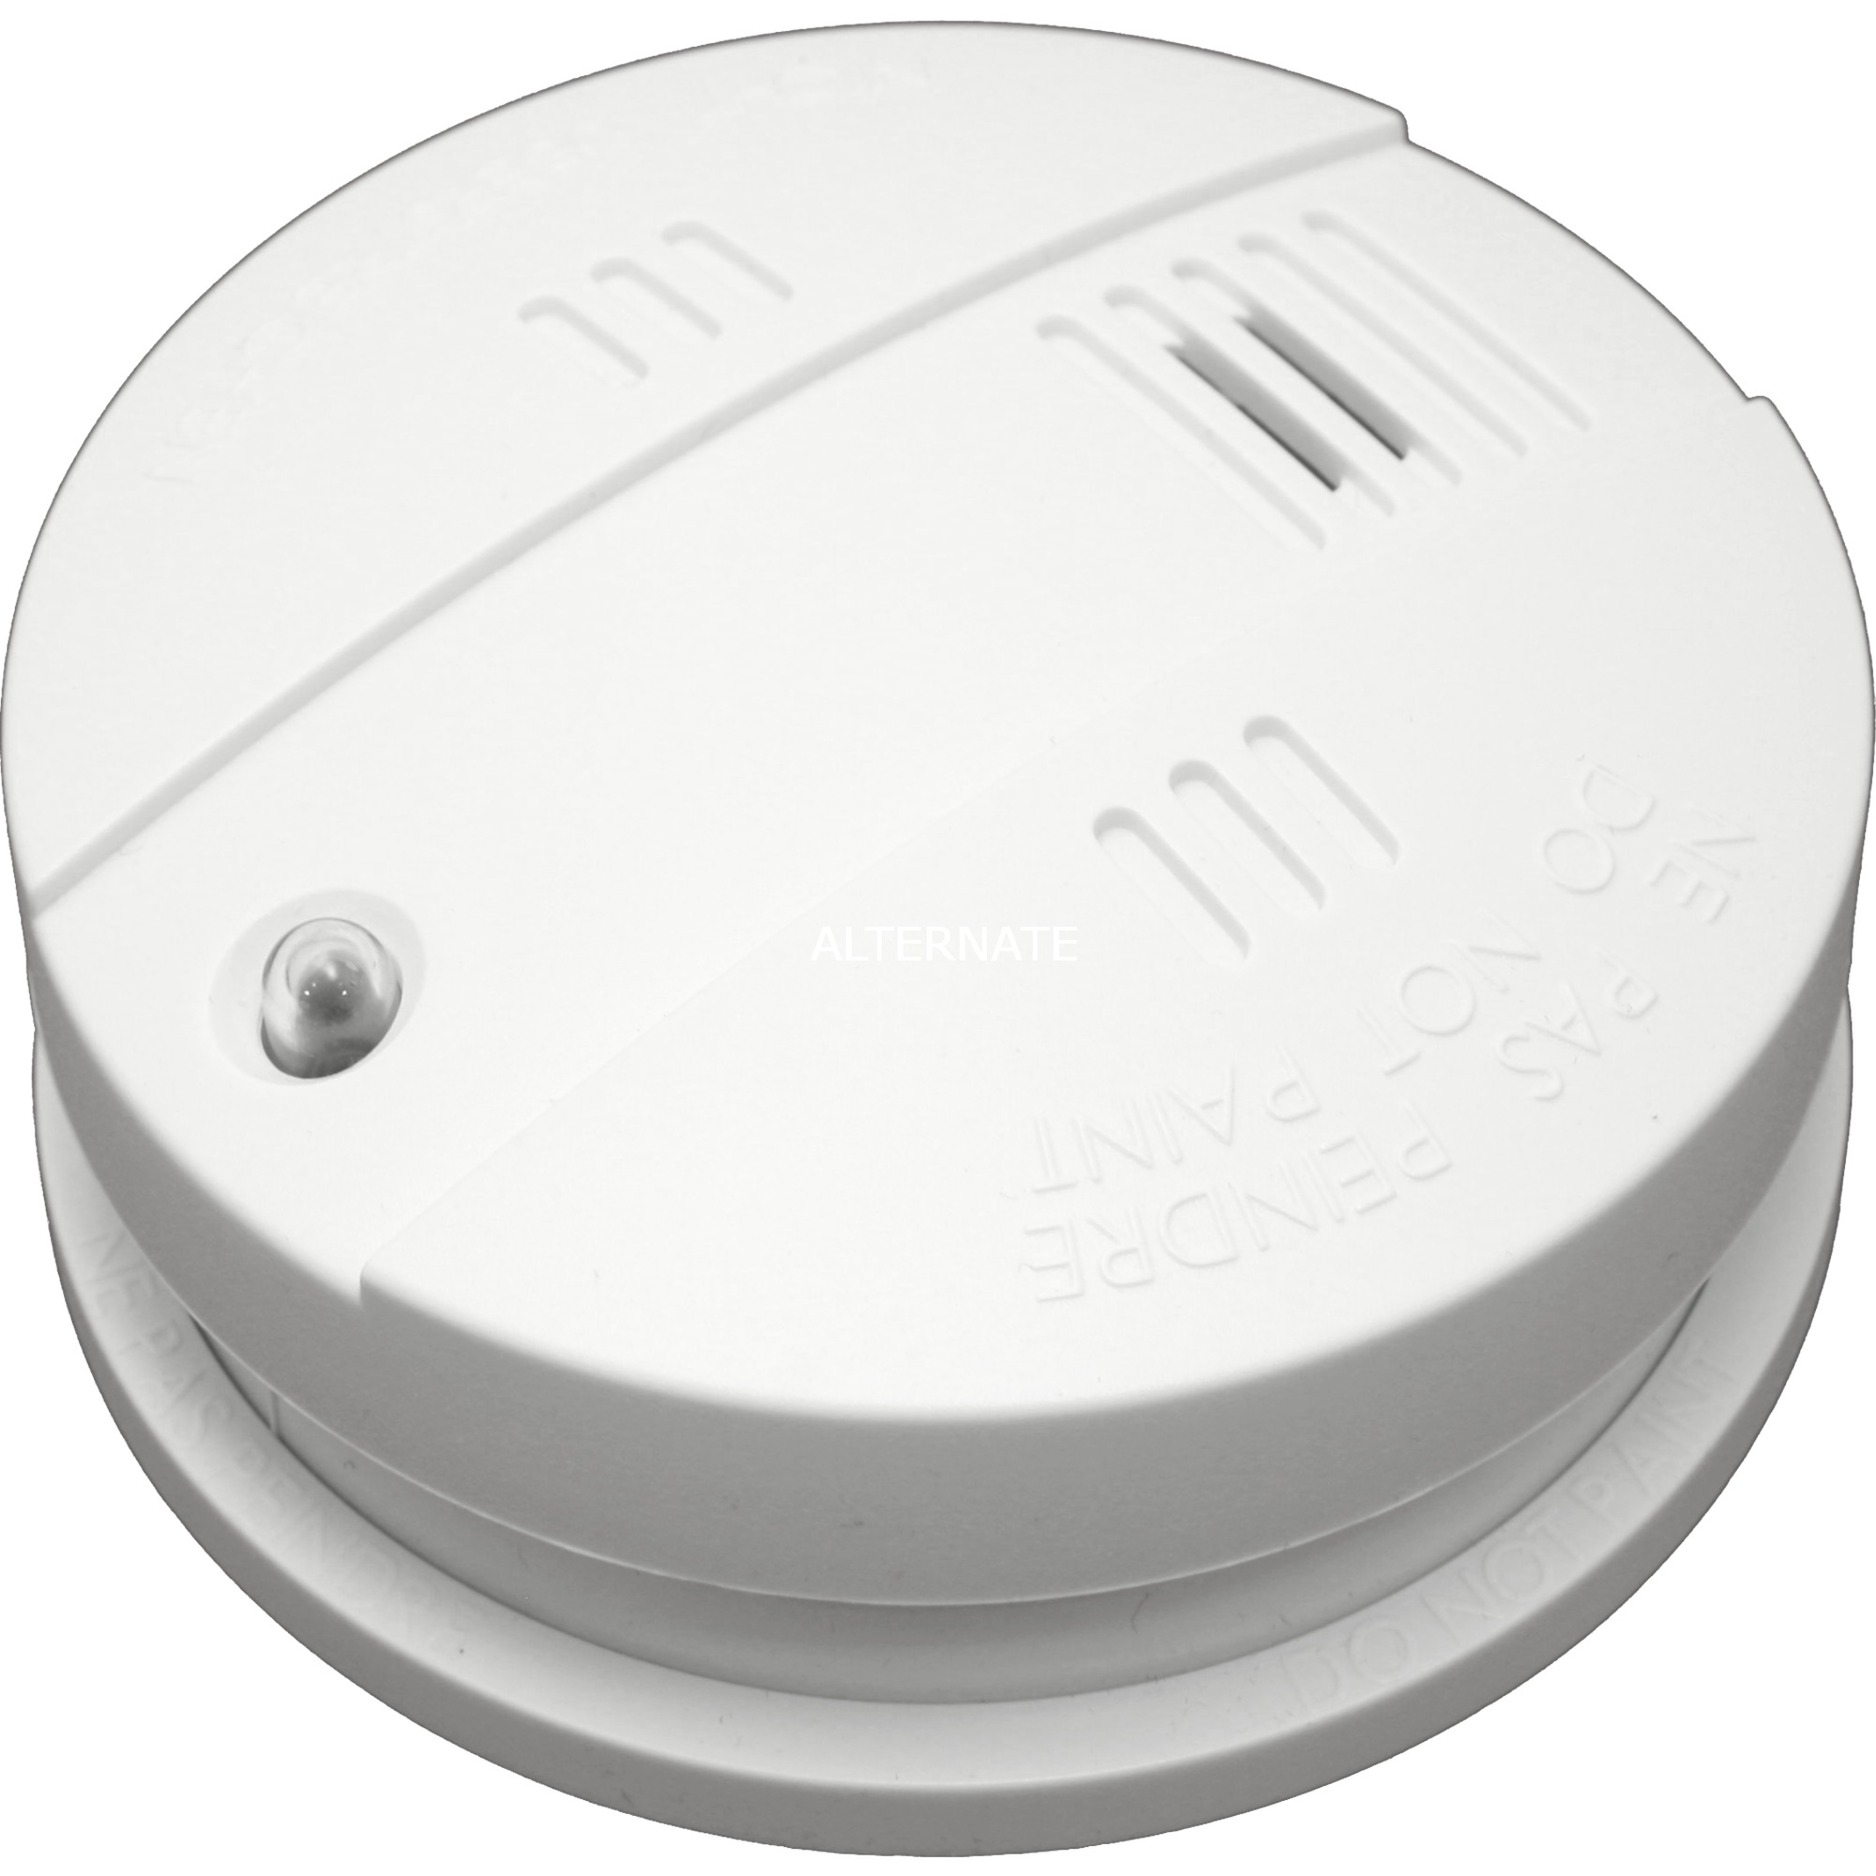 POPE004001 detector de humo Interconectables Inalámbrico